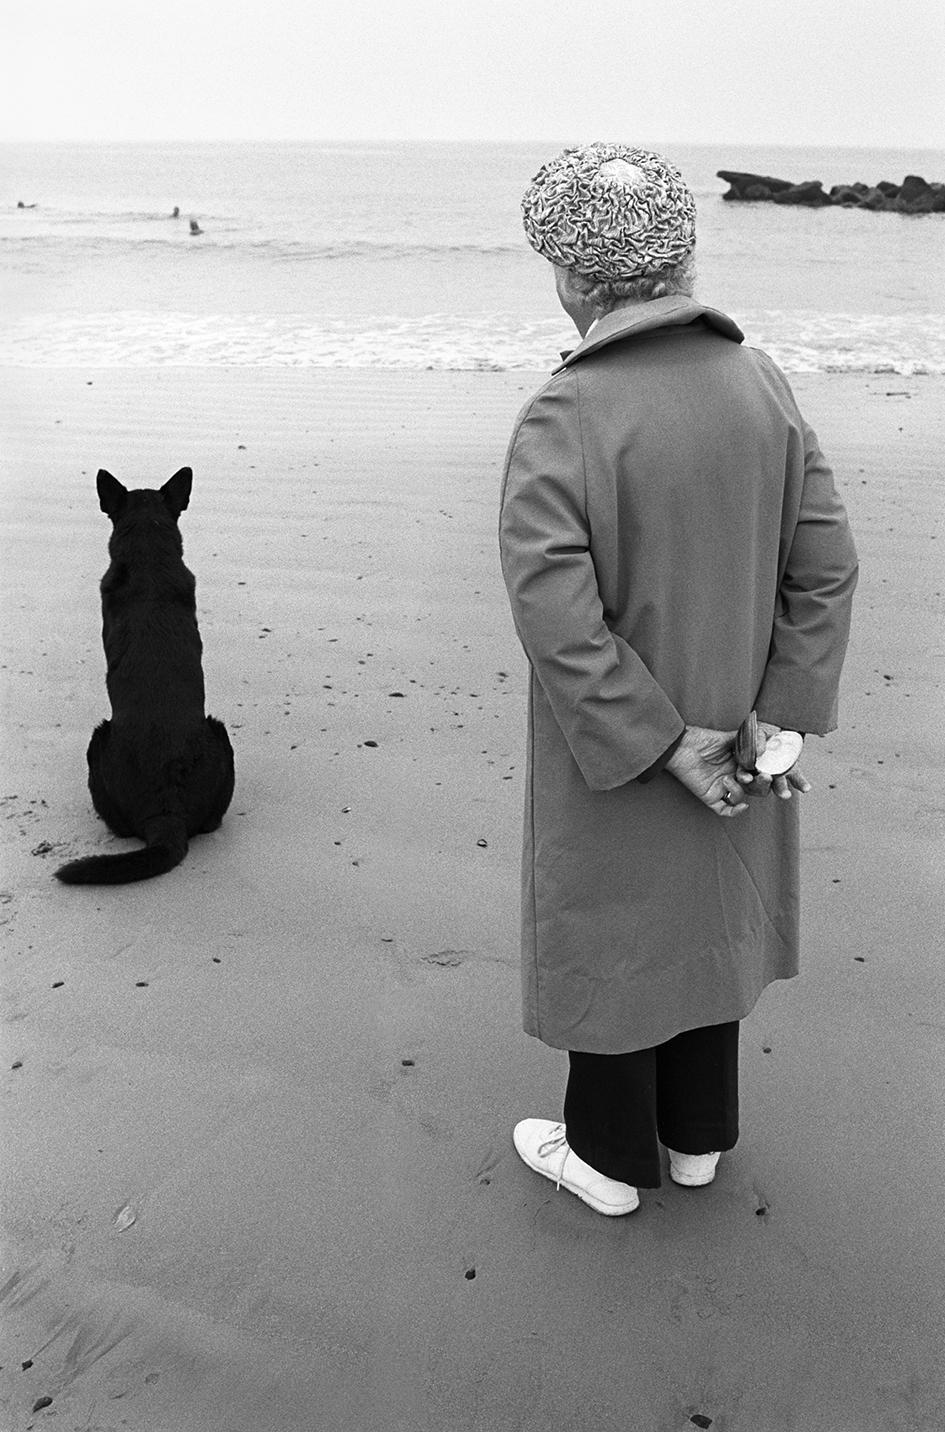 © Nina Korhonen Titel: A woman with a dog Plats/Årtal: Coney Island, Brooklyn,1992 Teknik: Arkivbeständig pigmentbläckutskrift Bildmått: 26 x 40 cm Montering: Svart träram med passepartout  Upplaga: 10 + 2 A.P Signerad: Ja  Pris: SEK 9 000